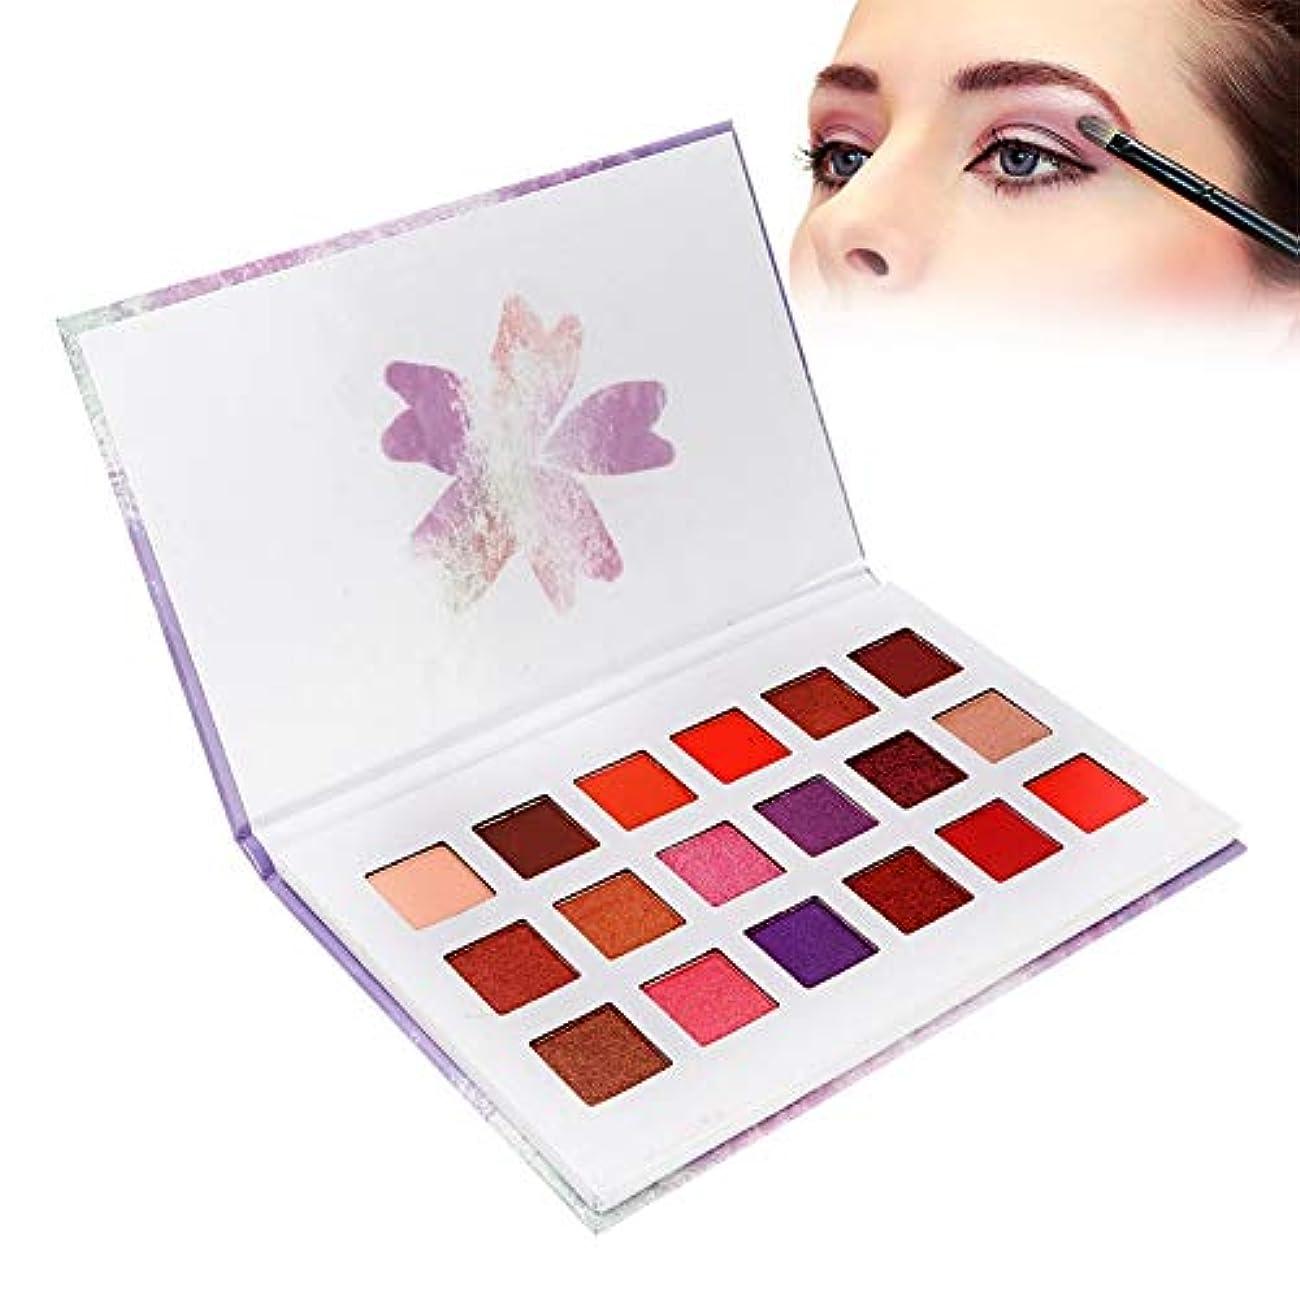 インスタンス使用法半導体アイシャドウパレット 18色 防水マットグリッターアイシャドウ化粧品パウダー